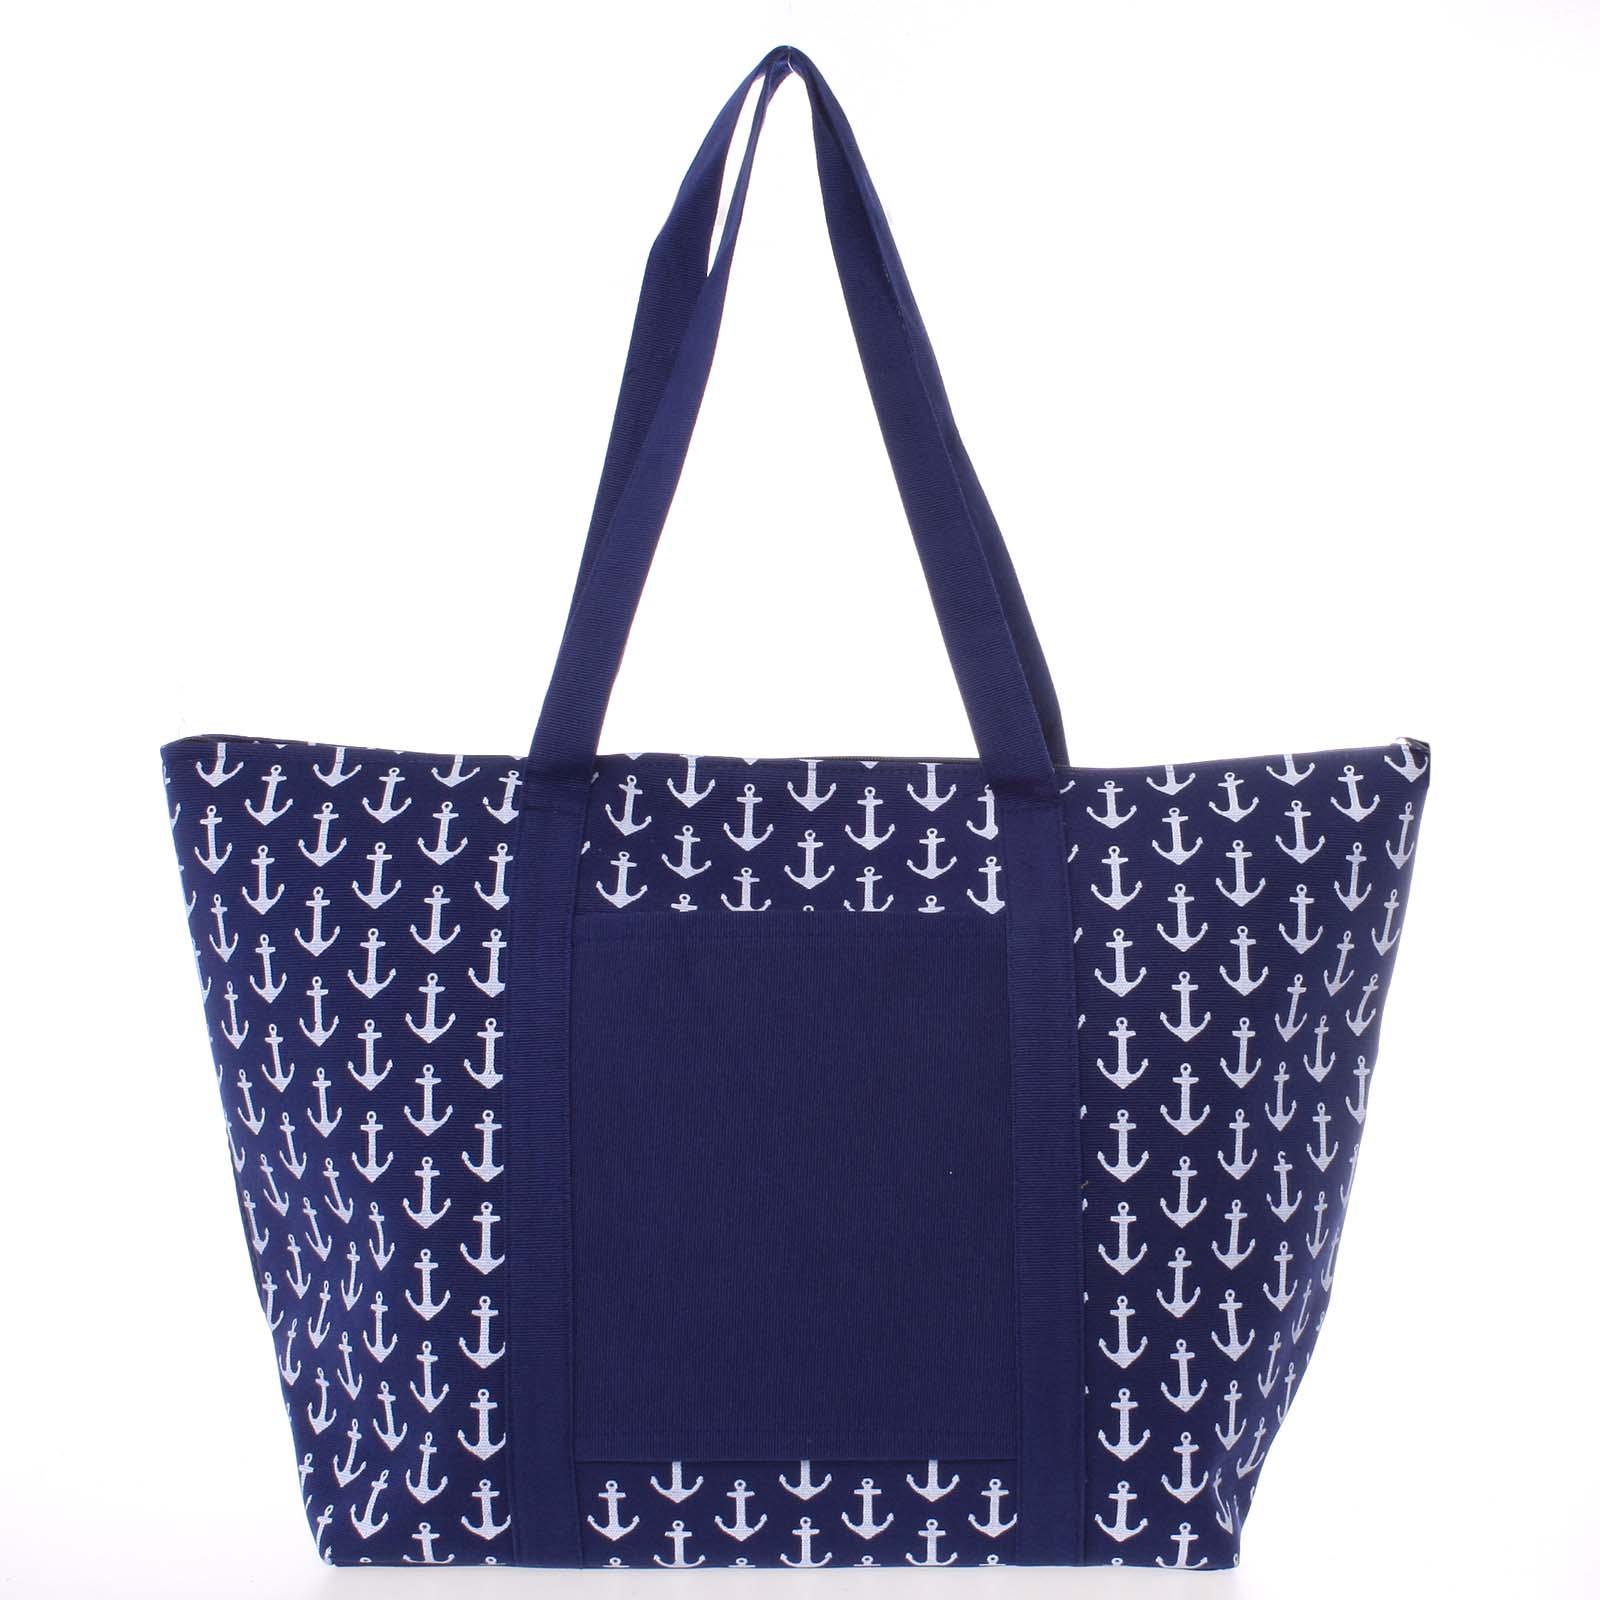 Luxusní modrá plážová taška - Delami Spirance modrá